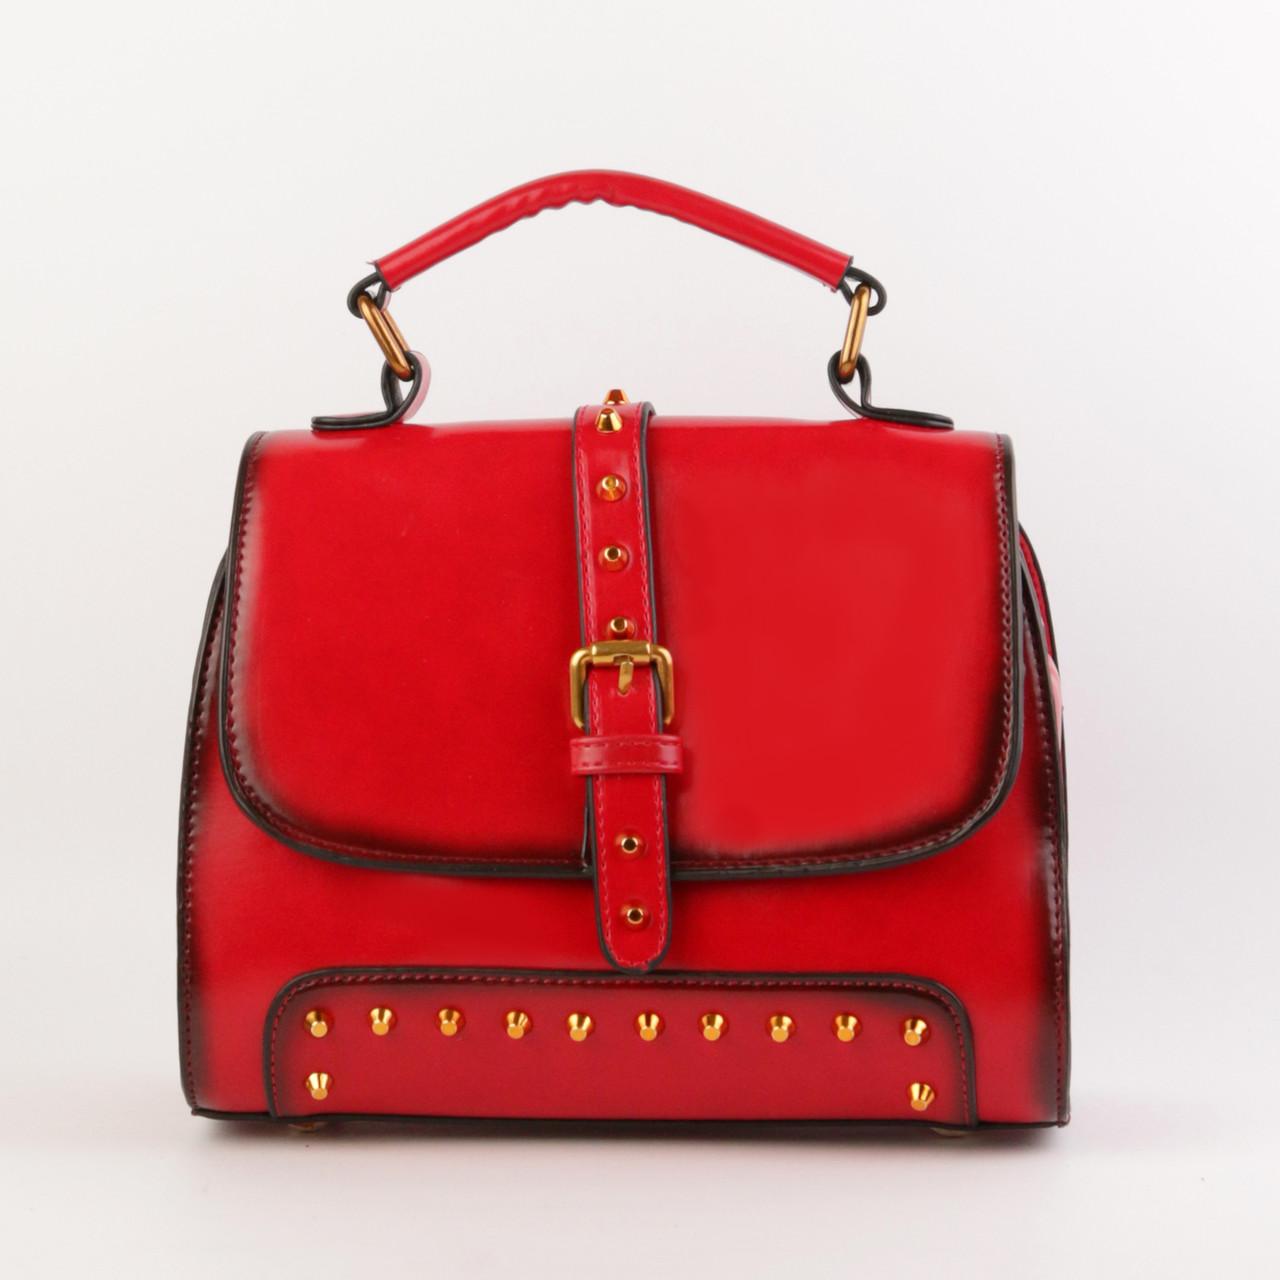 cbc7b6b382c0 Стильная женская сумка красная кожаная объемная купить по выгодной ...